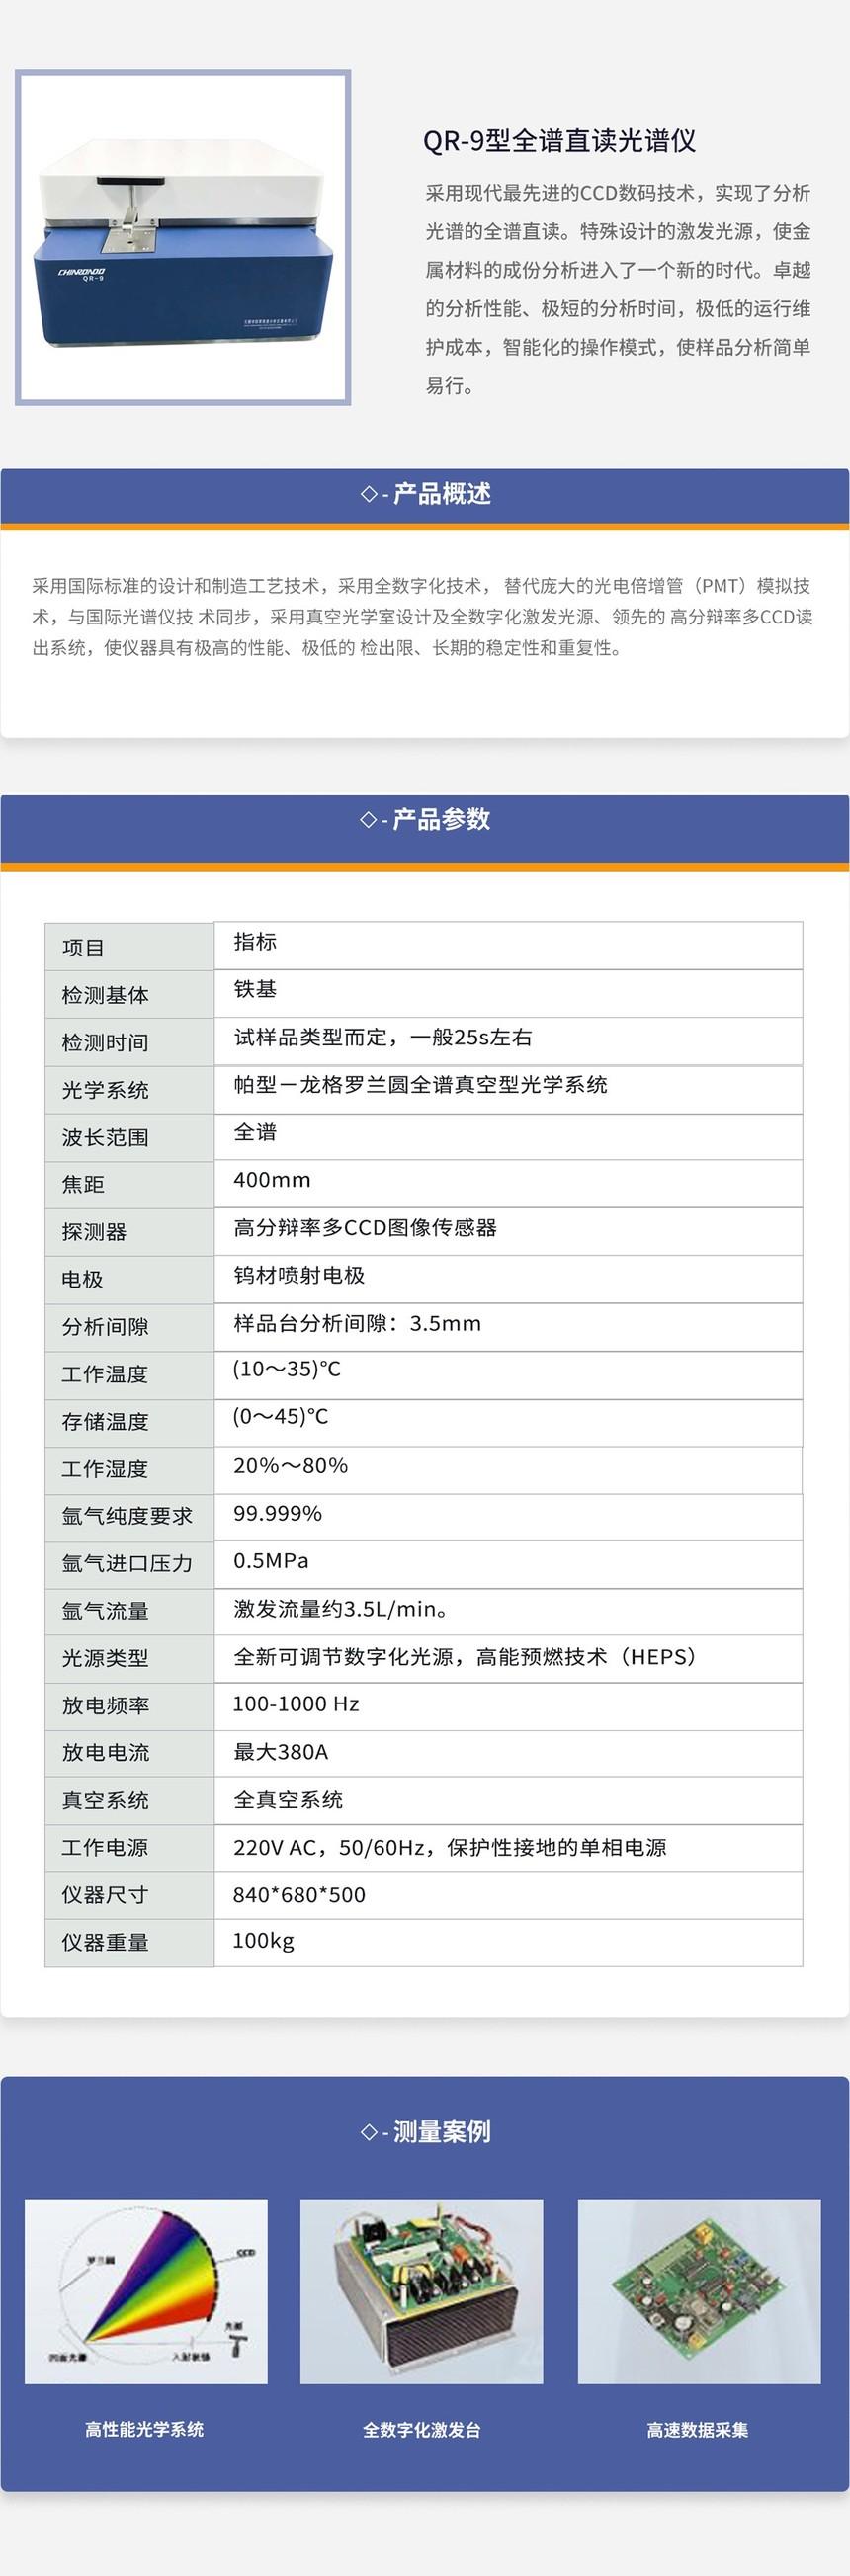 产品中心-光谱仪_02.jpg